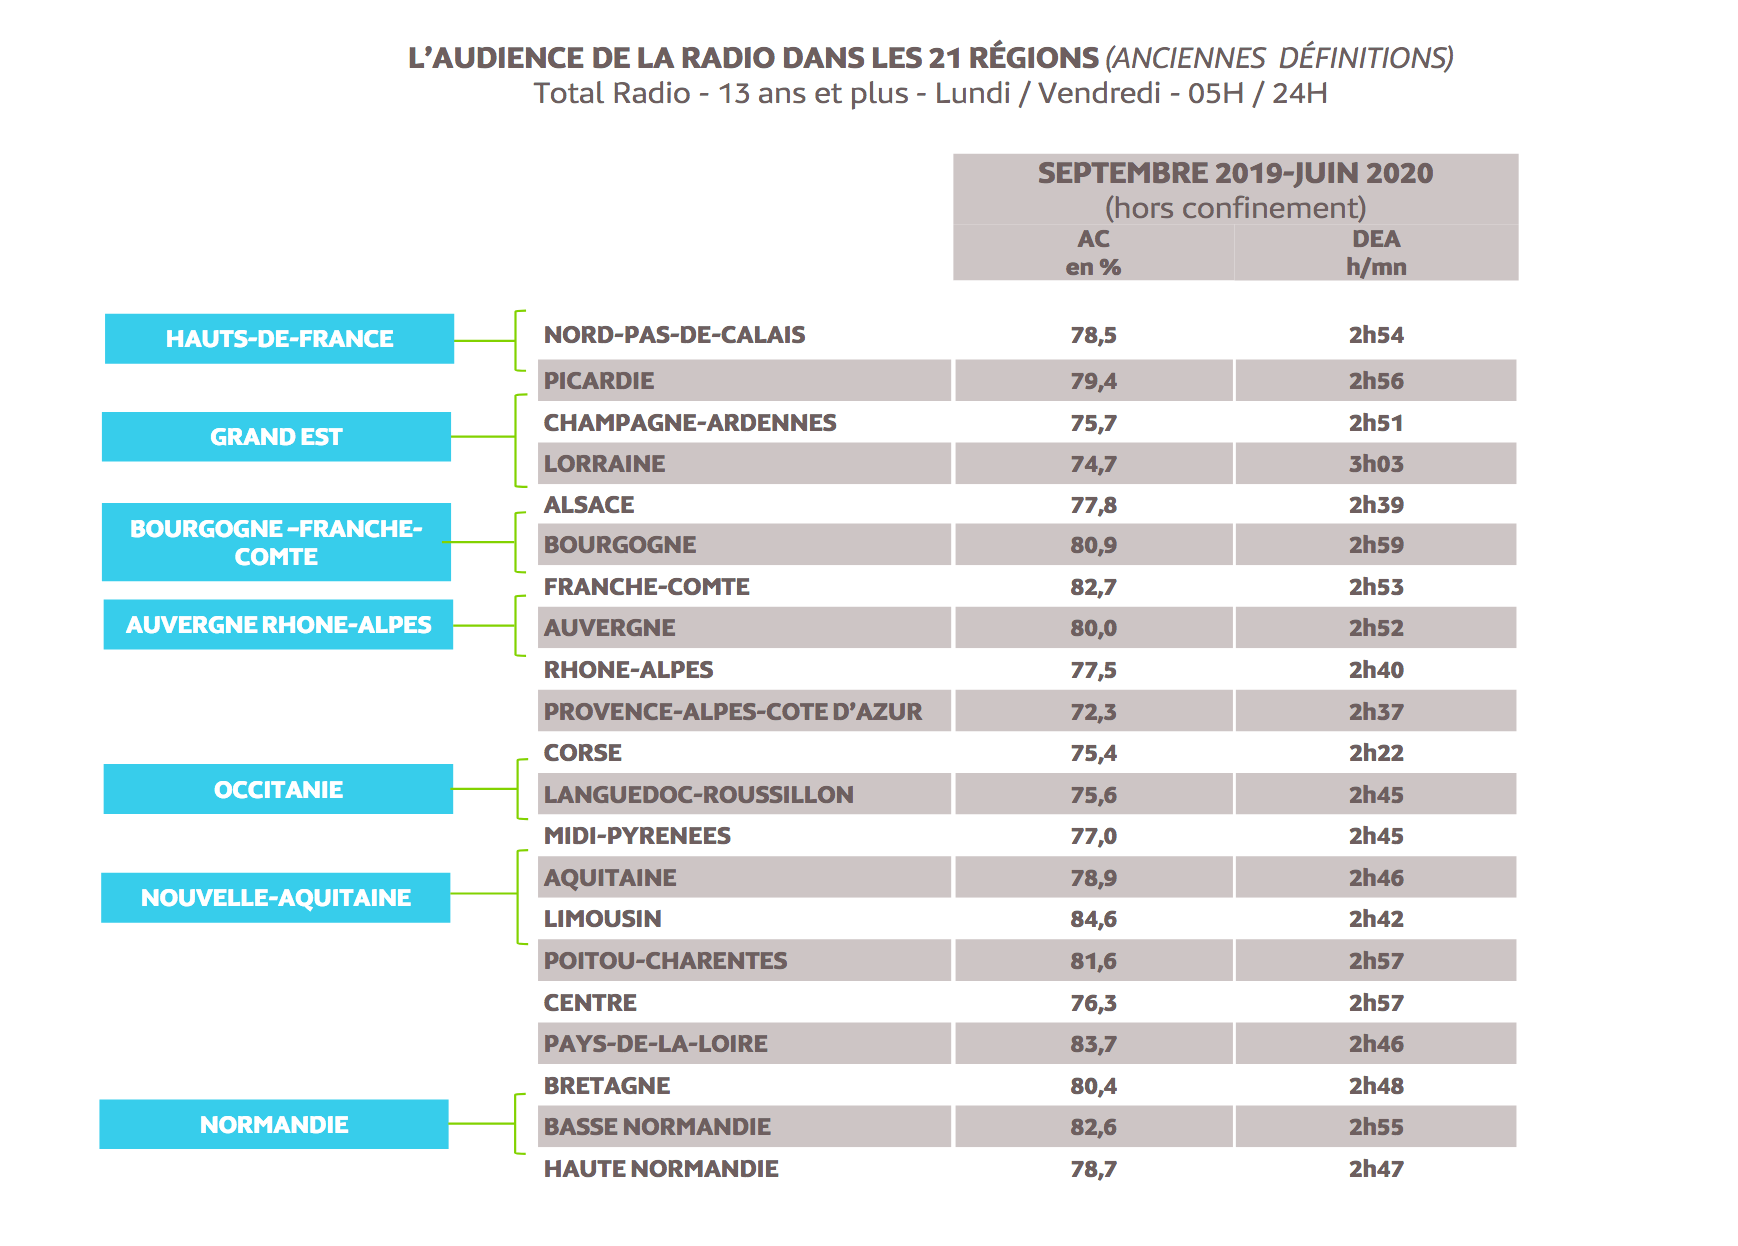 Source : Médiamétrie - Médialocales– Septembre 2019 - Juin 2020 (hors confinement) - Copyright Médiamétrie - Tous droits réservés